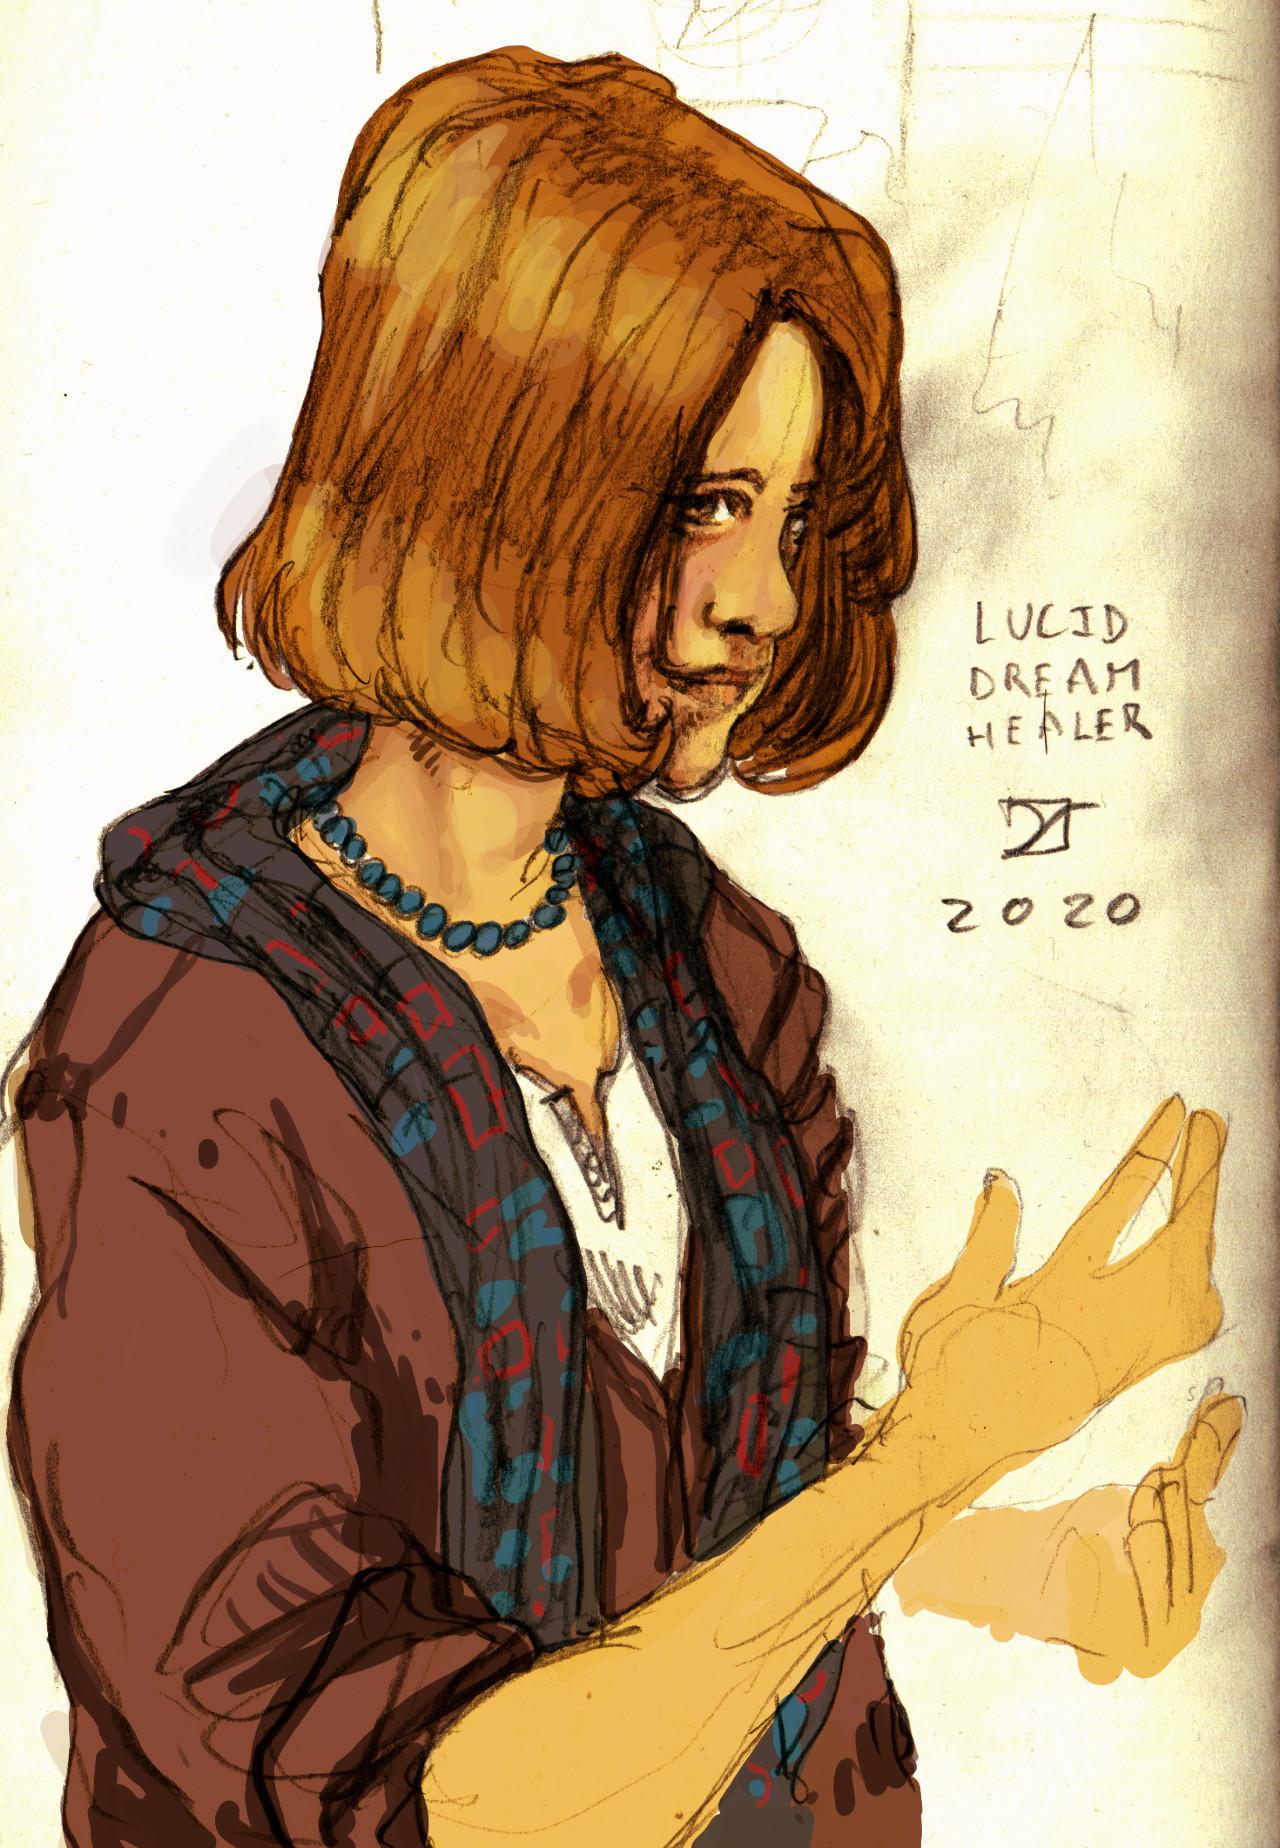 Lucid Dream Healer